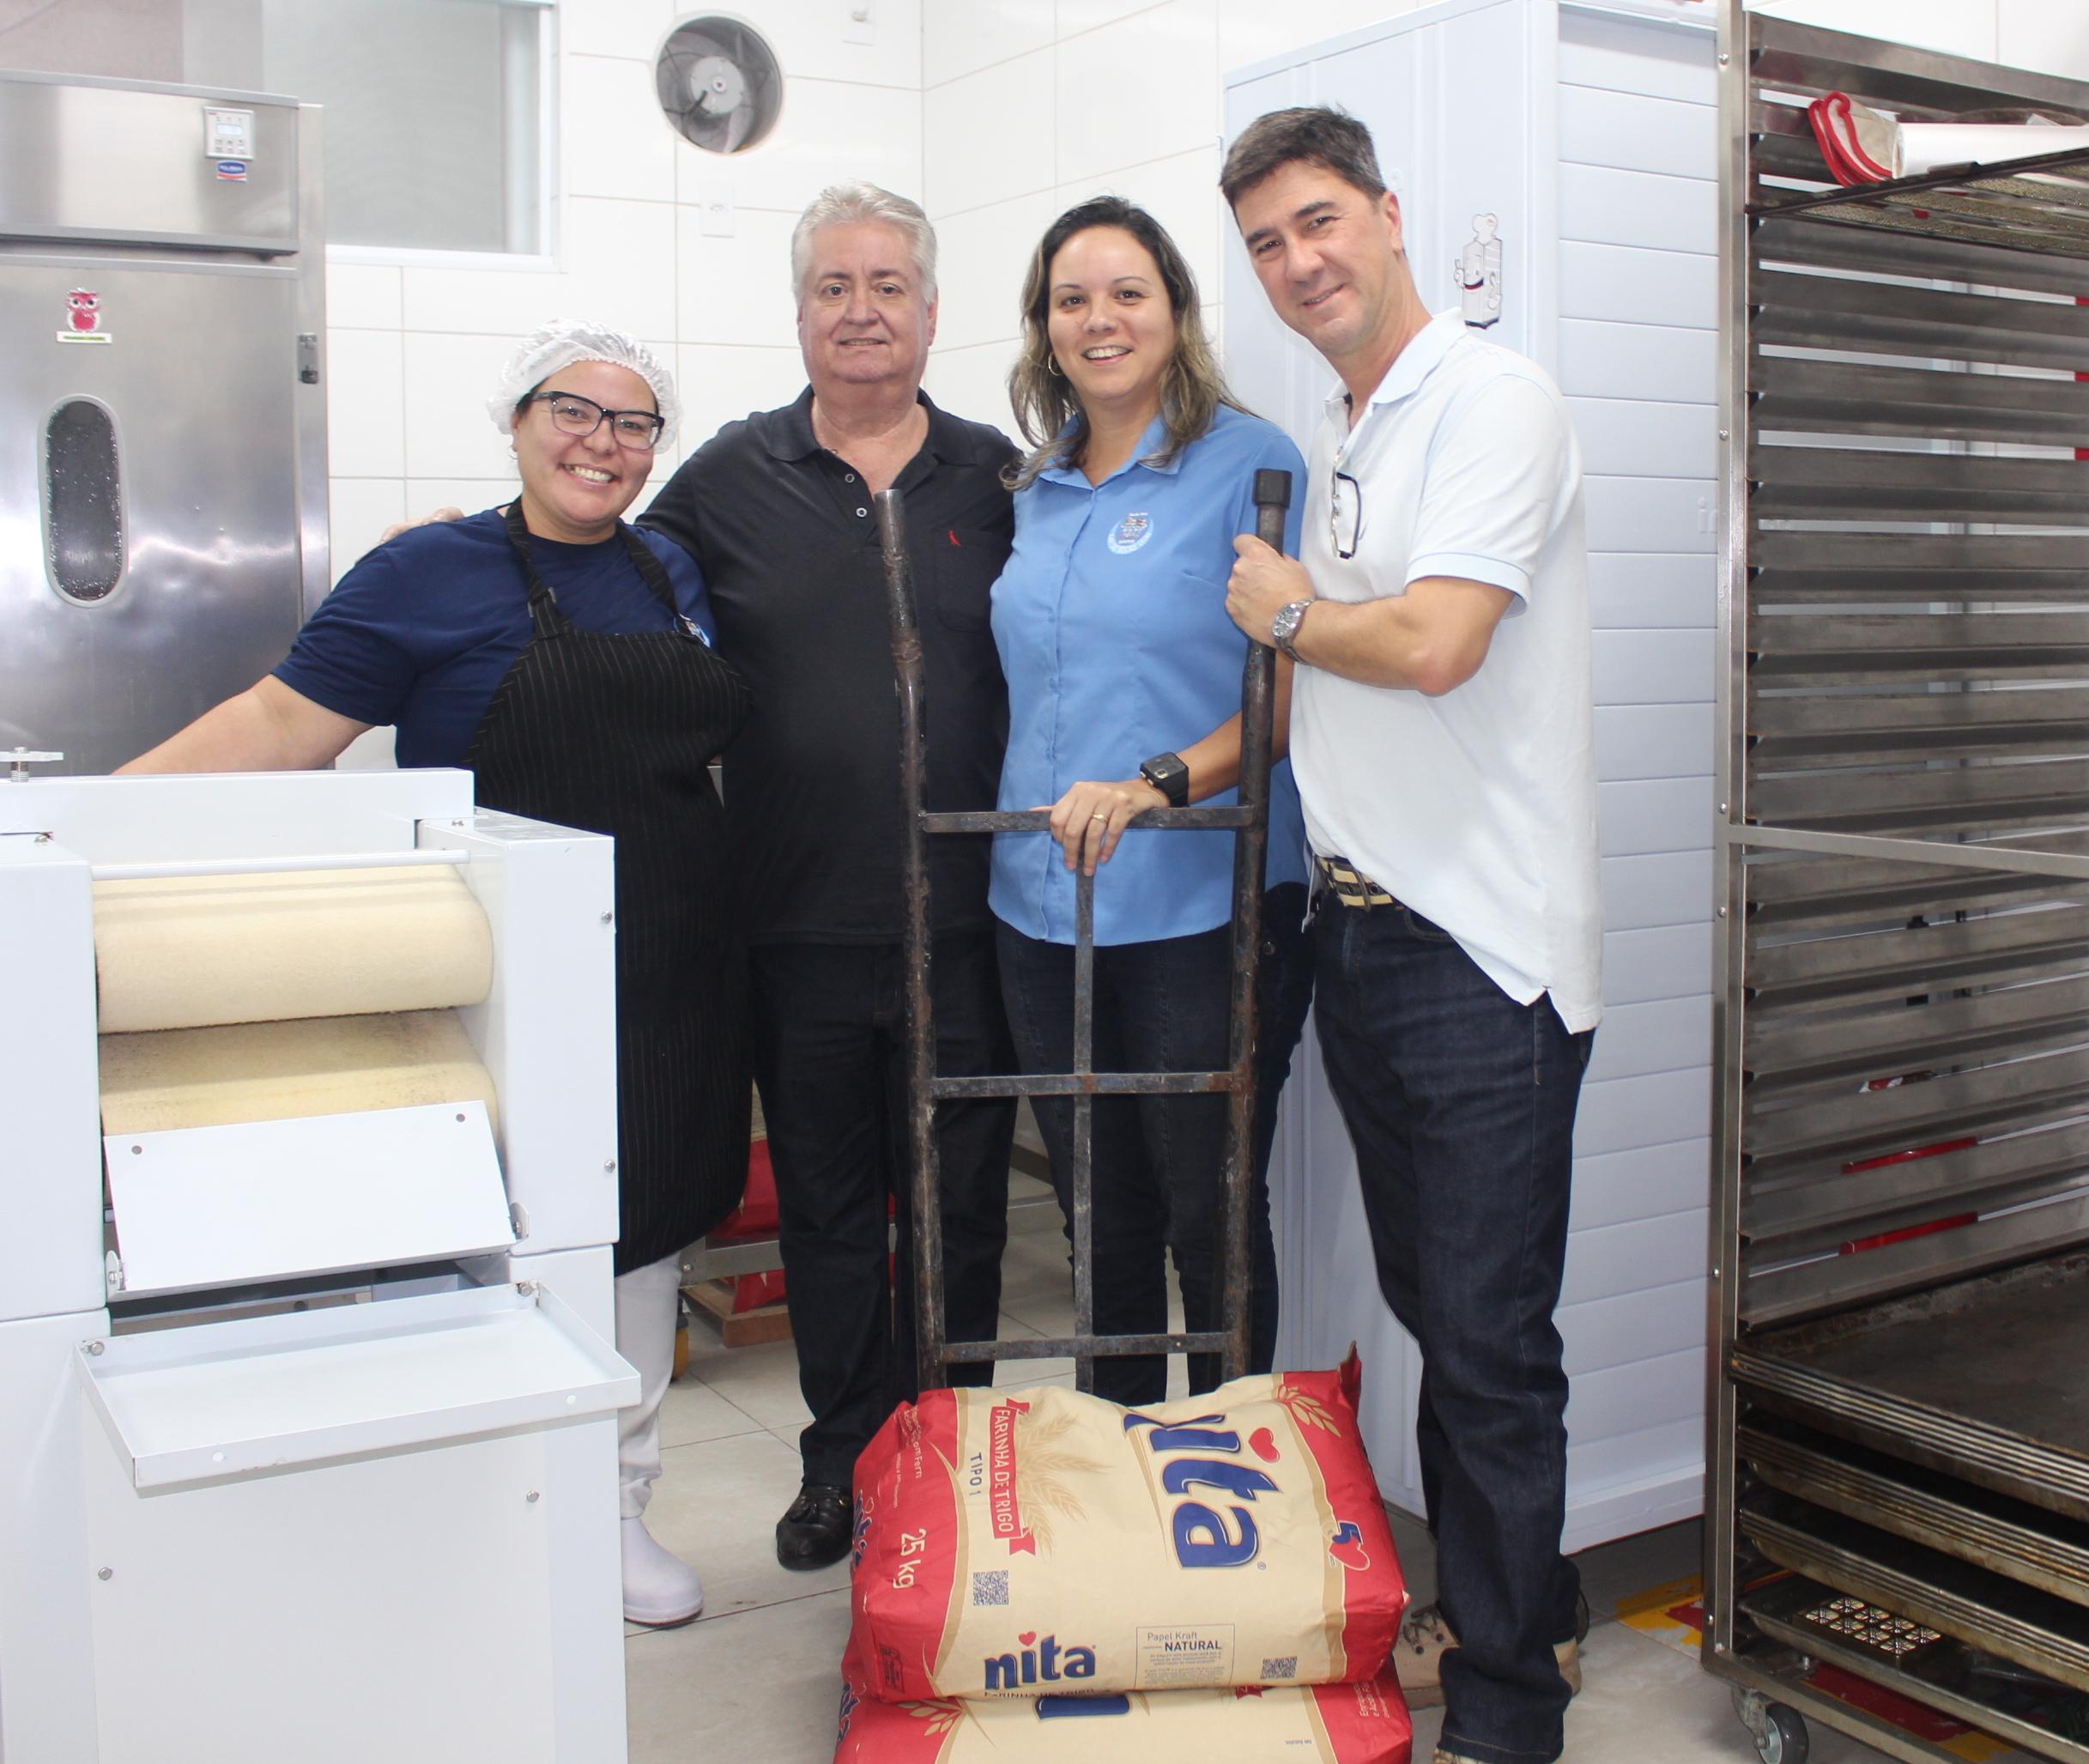 Os amigos Rogério de Oliveira Santos e Márcio Sérgio Teixeira abraçam as professoras Andrea Ferreira e Fabiana Lindinho na doação de farinha para a Padaria Inclusiva do Lar das Moças Cegas.